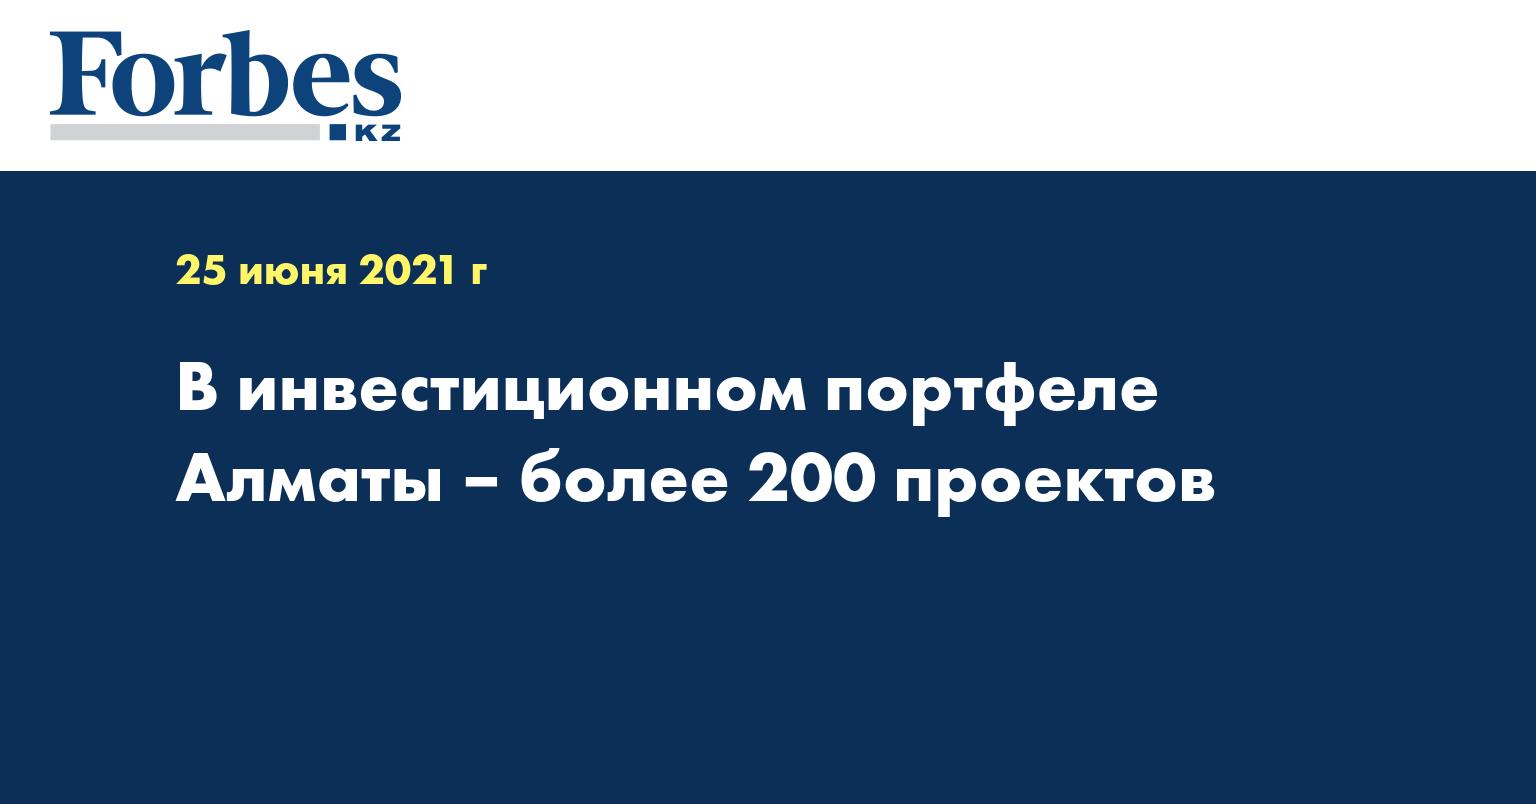 В инвестиционном портфеле Алматы – более 200 проектов